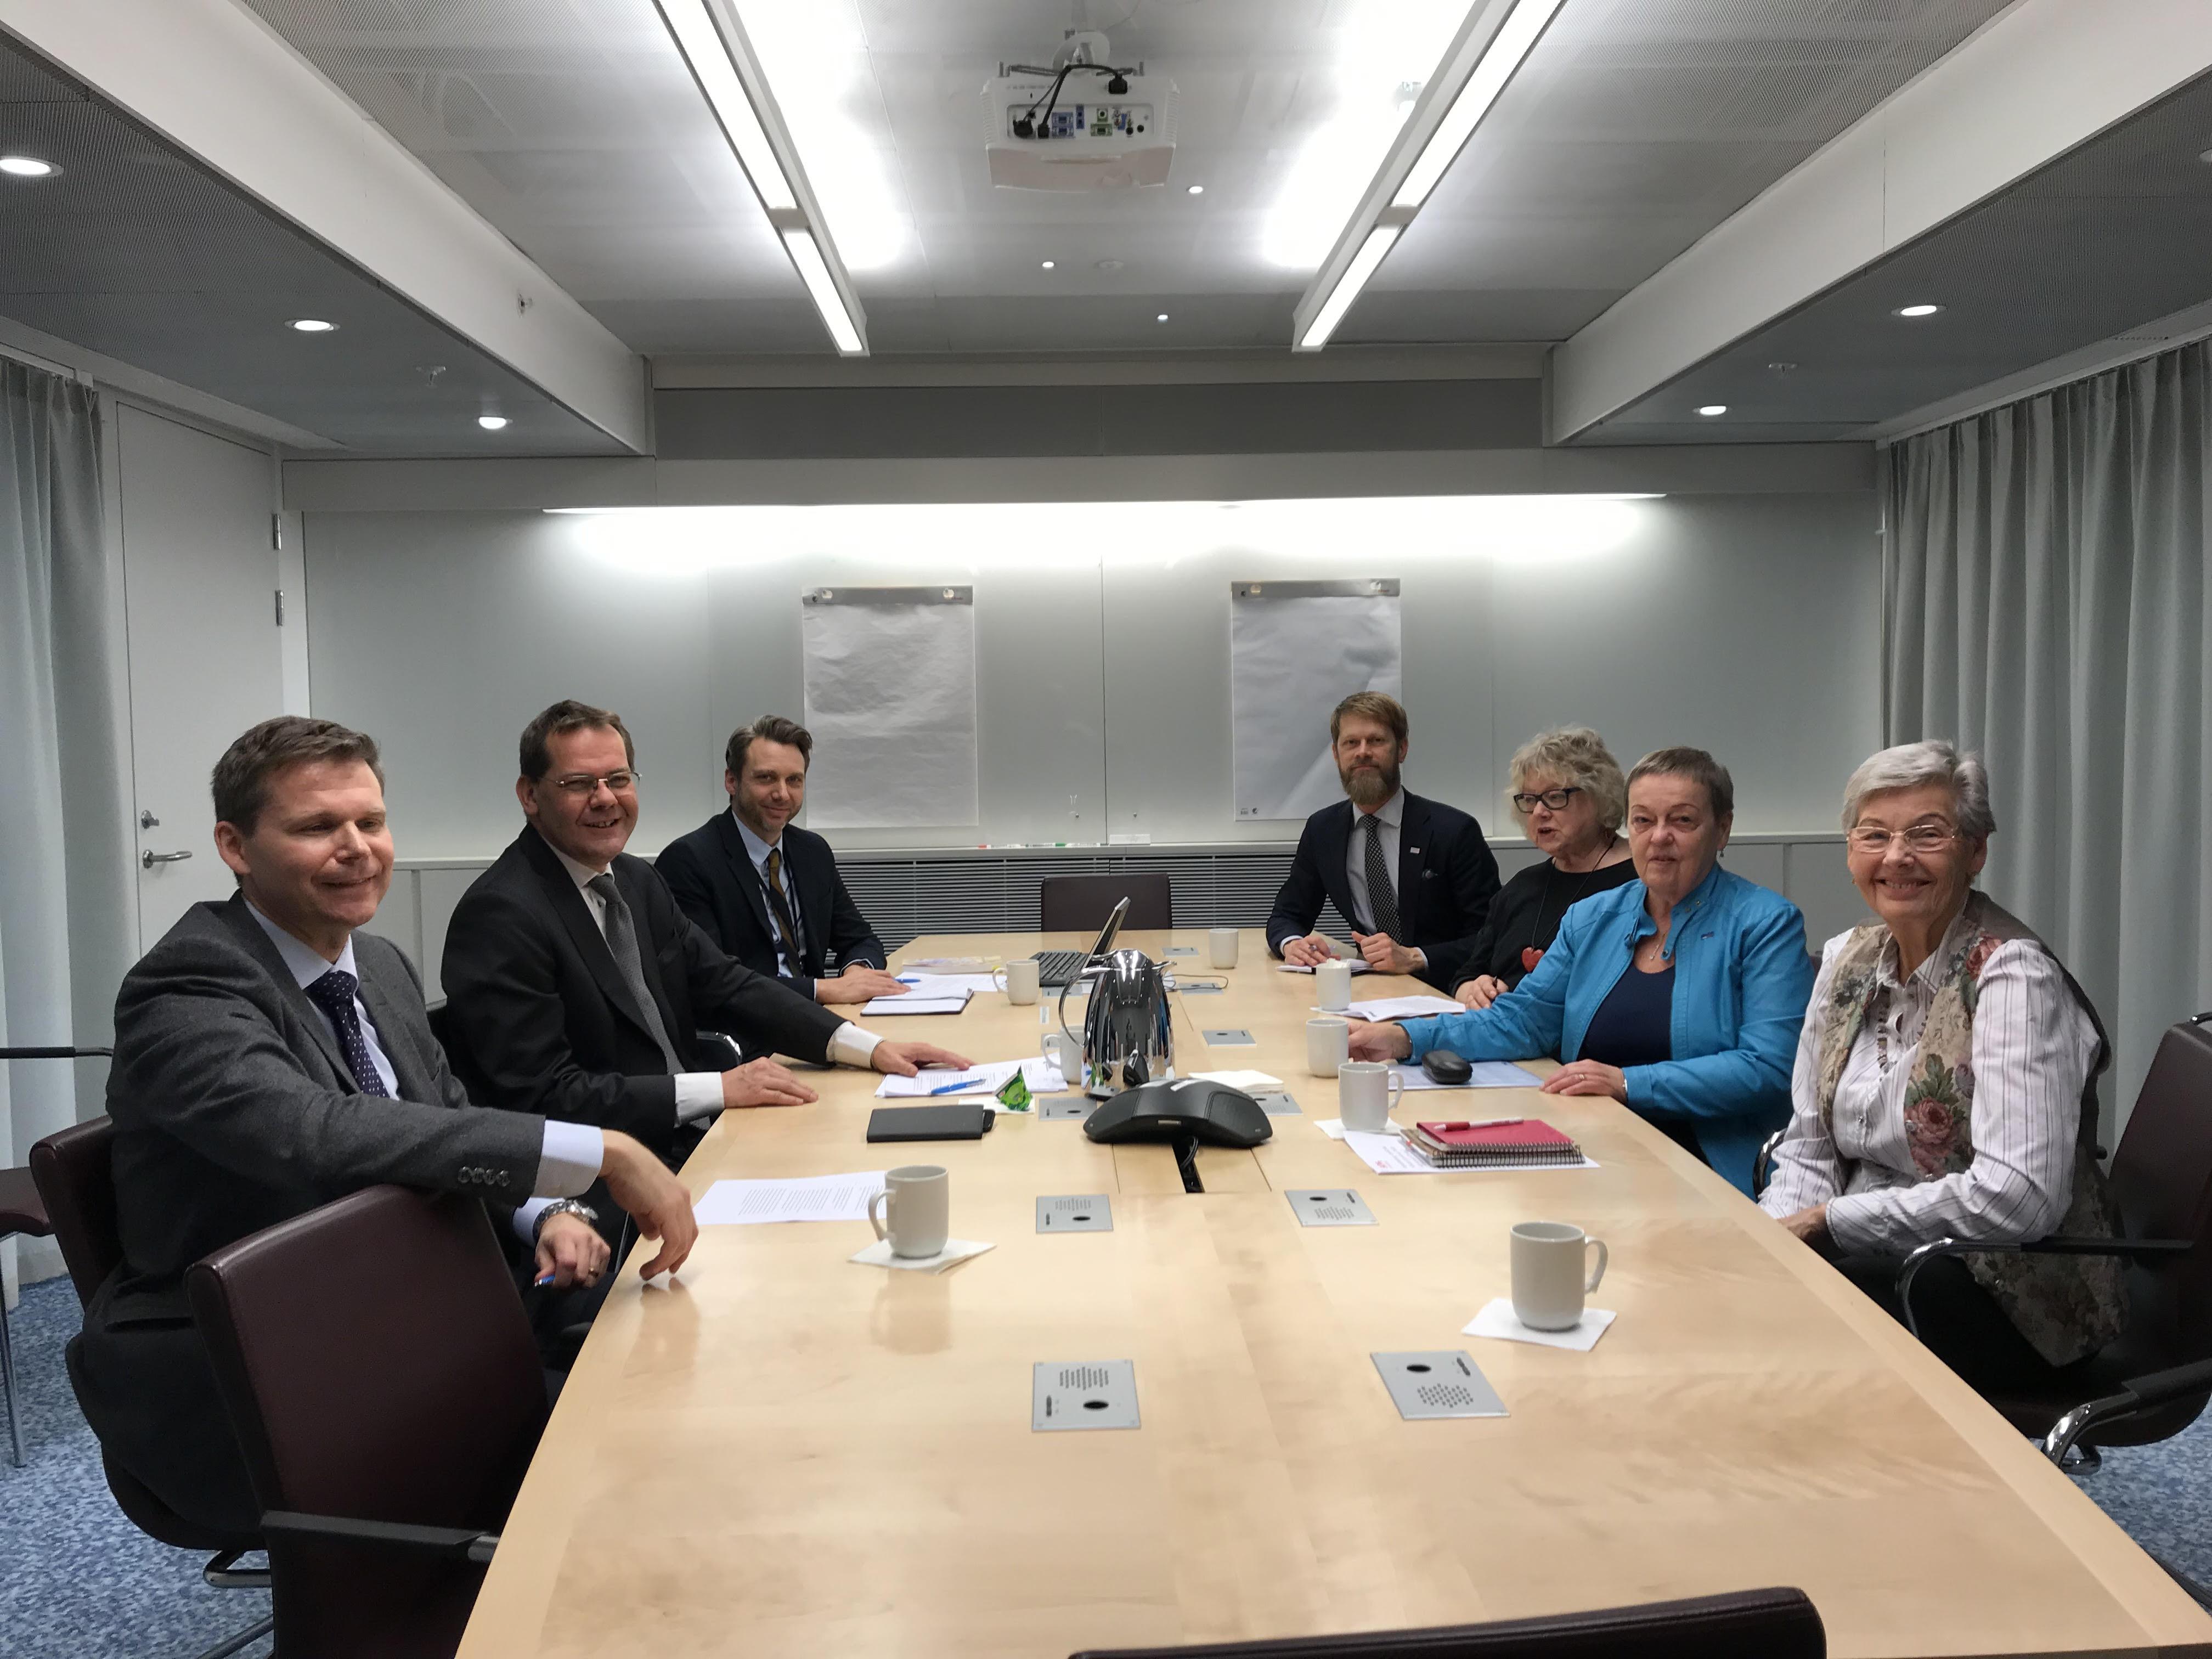 Dag Edvardsson, projektledare för Riksbankskommittén, Ulf Holm, Per Bolunds statssekreterare, och Erik Lenntorp, bankenheten, träffade representanter från SPF Seniorerna, RPG, PRO och SKPF Pensionärerna på Finansdepartementet.